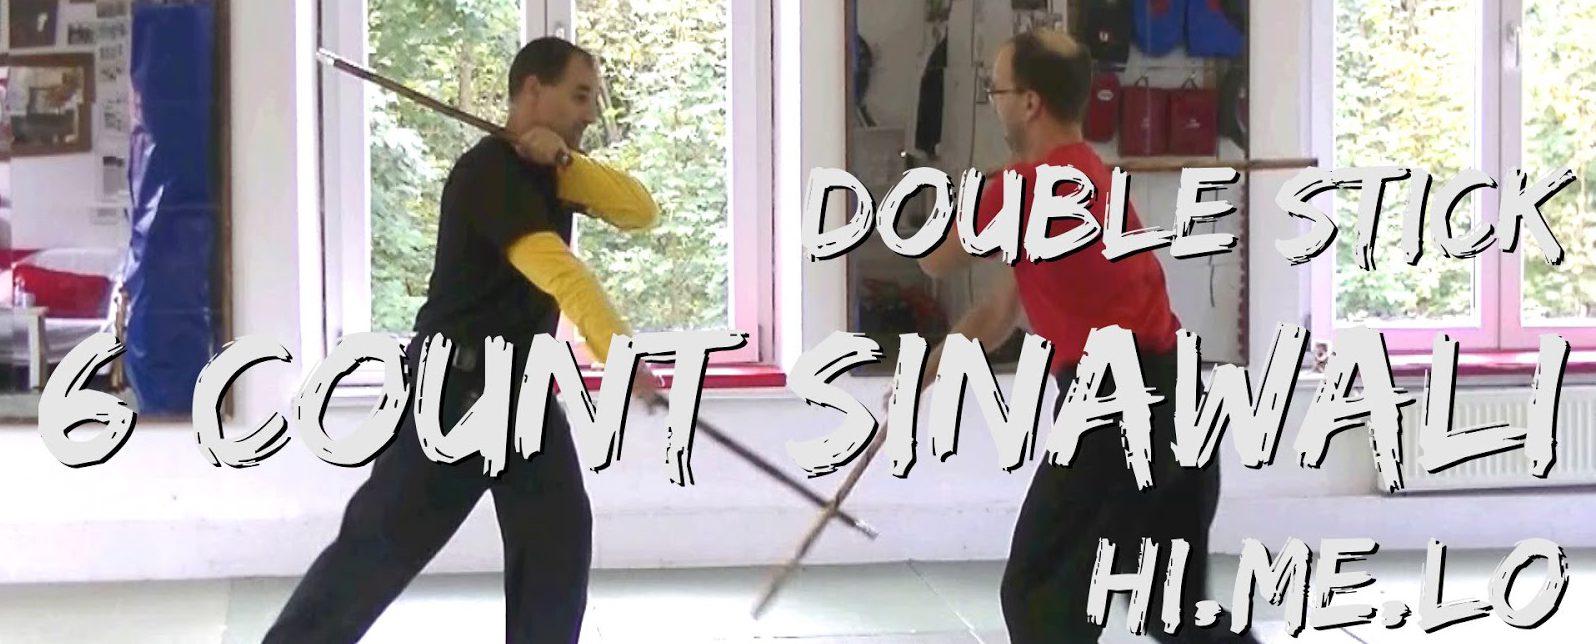 Double Stick 6 count Sinawali Hi.Me.Lo